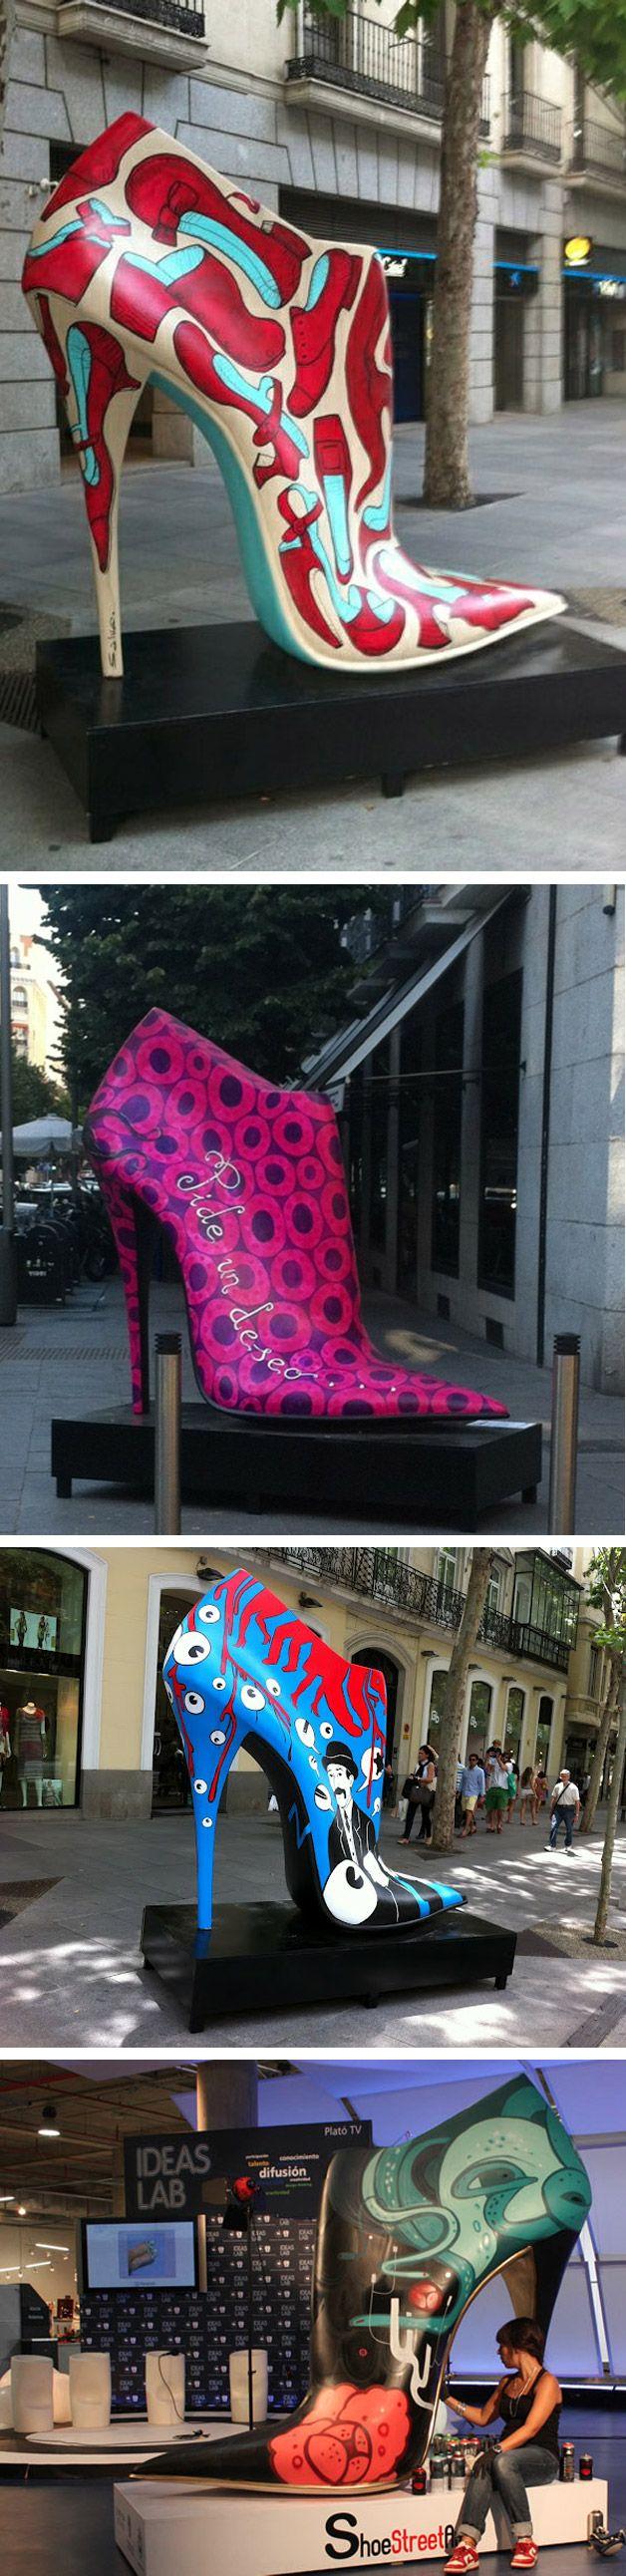 Diversos artistas espanhóis utilizaram técnicas de pintura, grafite e colagem para criar diferentes tipos de sapatos gigantes que foram espalhados pelas ruas de Madrid na exposição Shoe Street Art. A mostra é uma forma de homenagear a indústria local de sapatos e dar espaço para a criação dos artistas locais.        via...